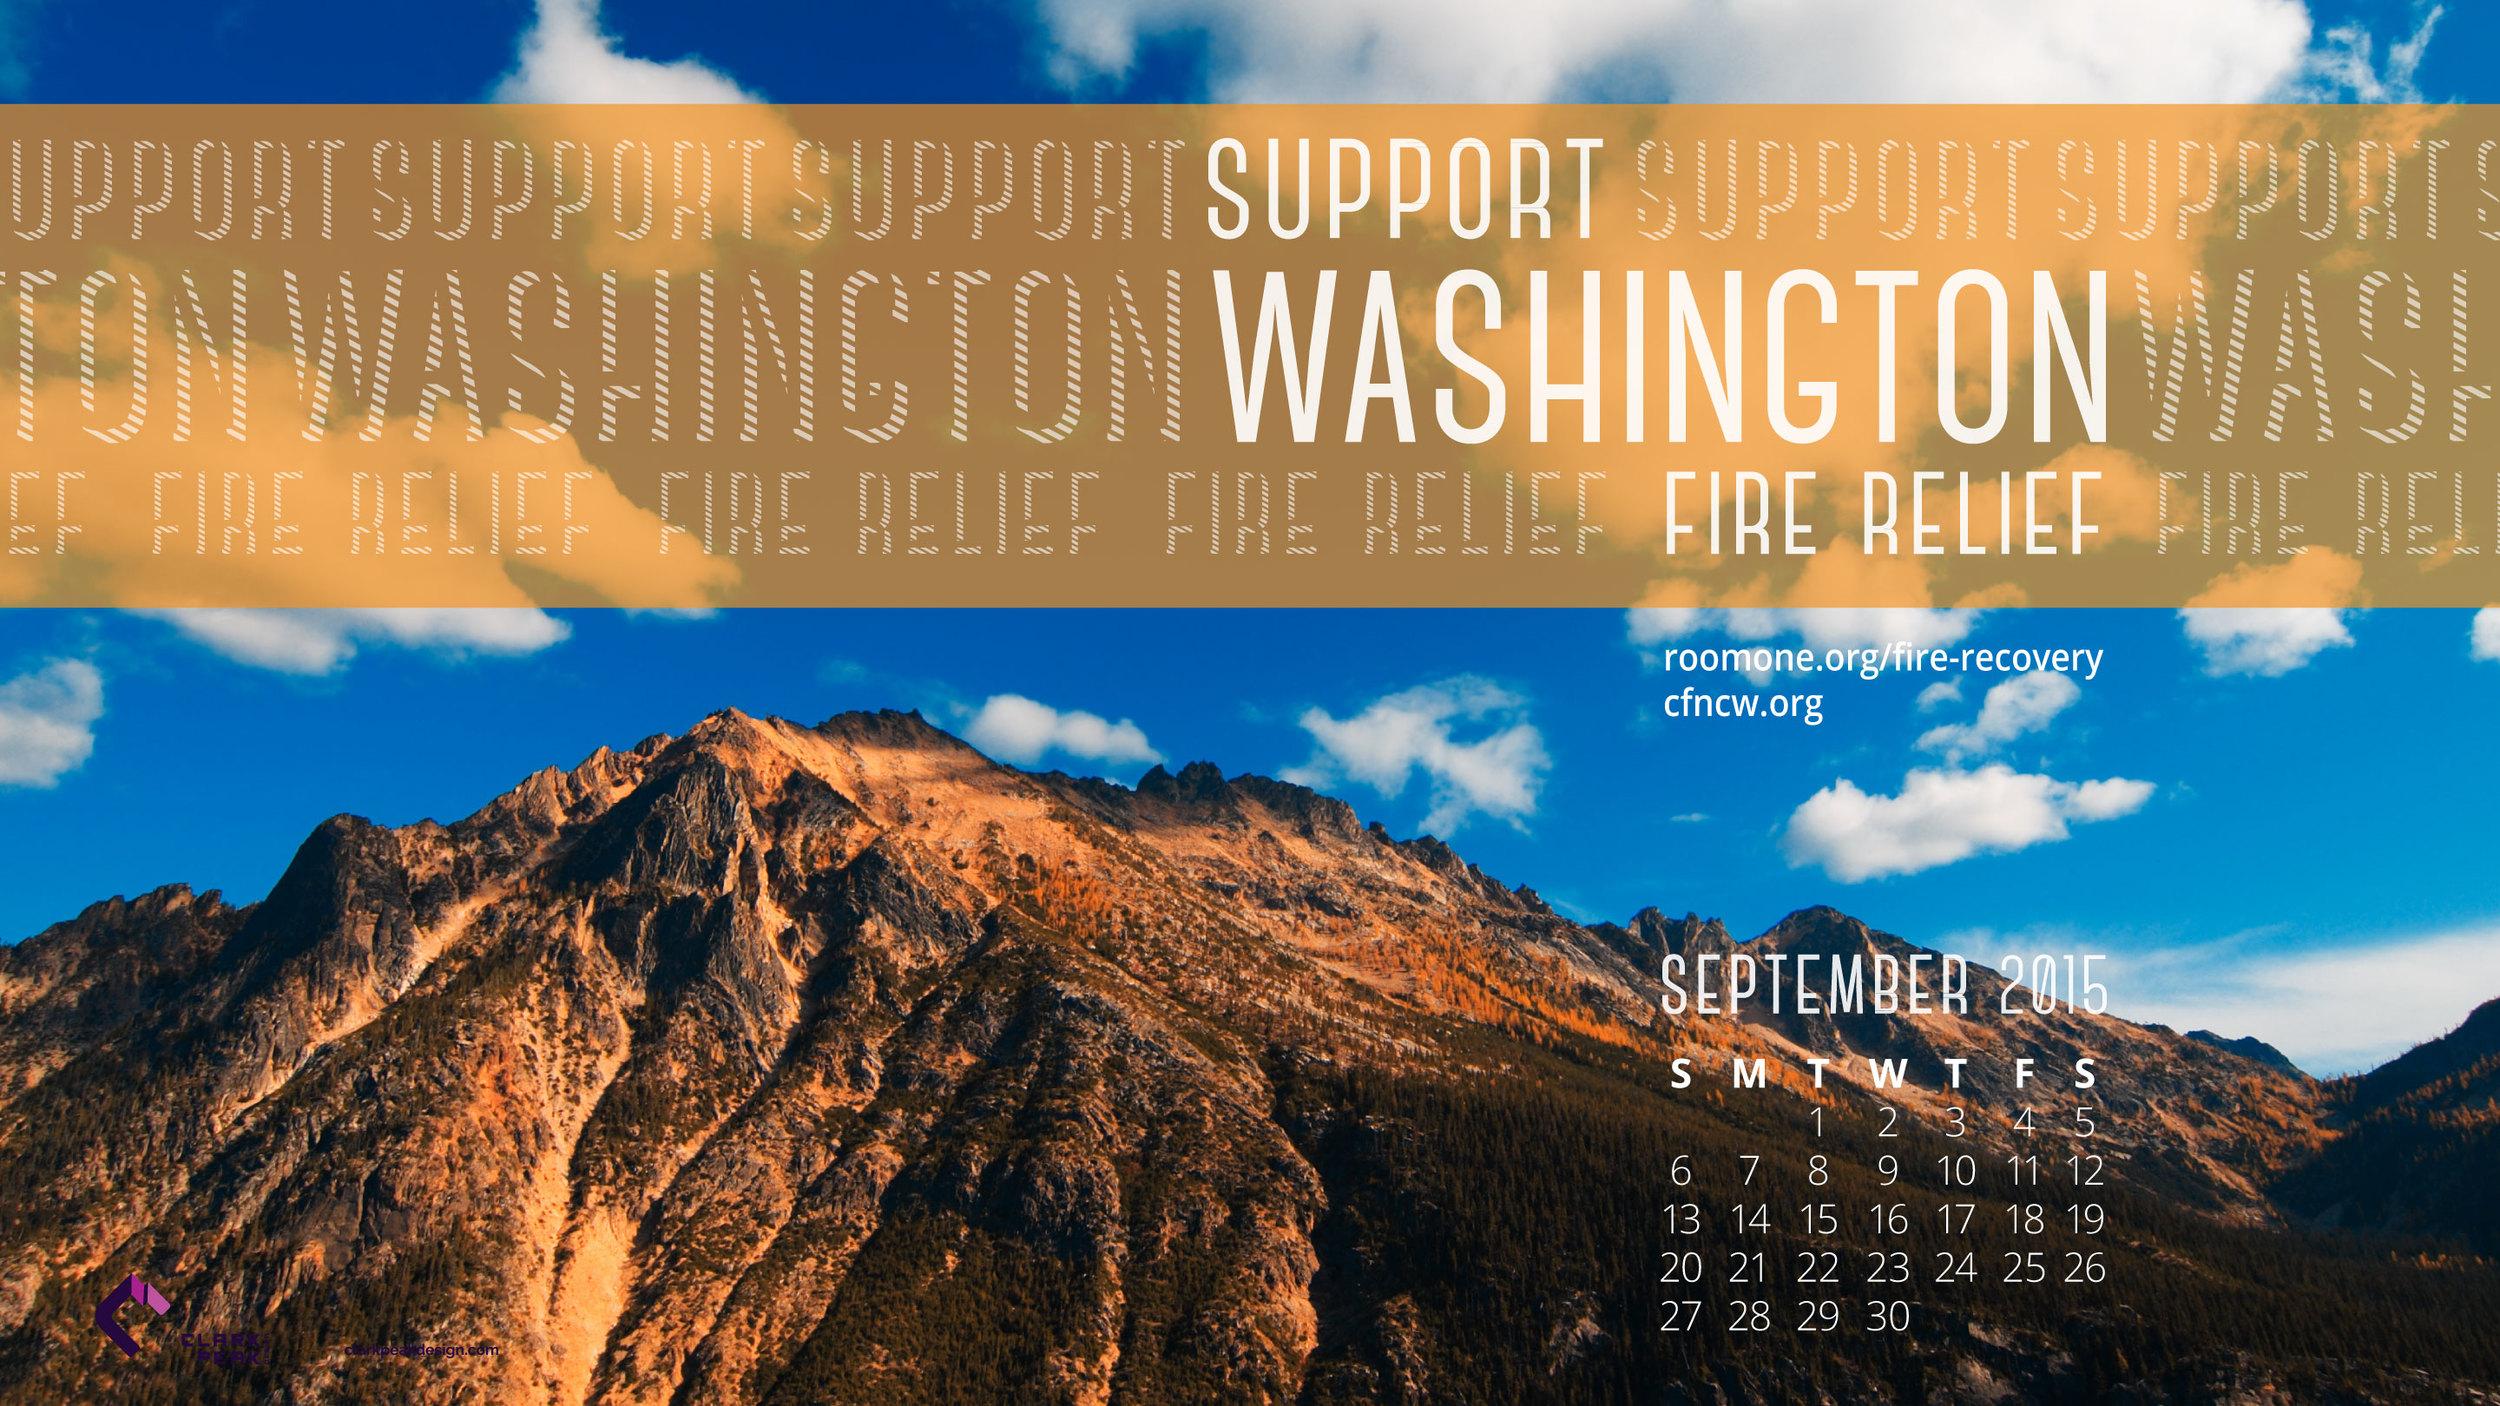 Support Washington fire relief, September calendar wallpaper